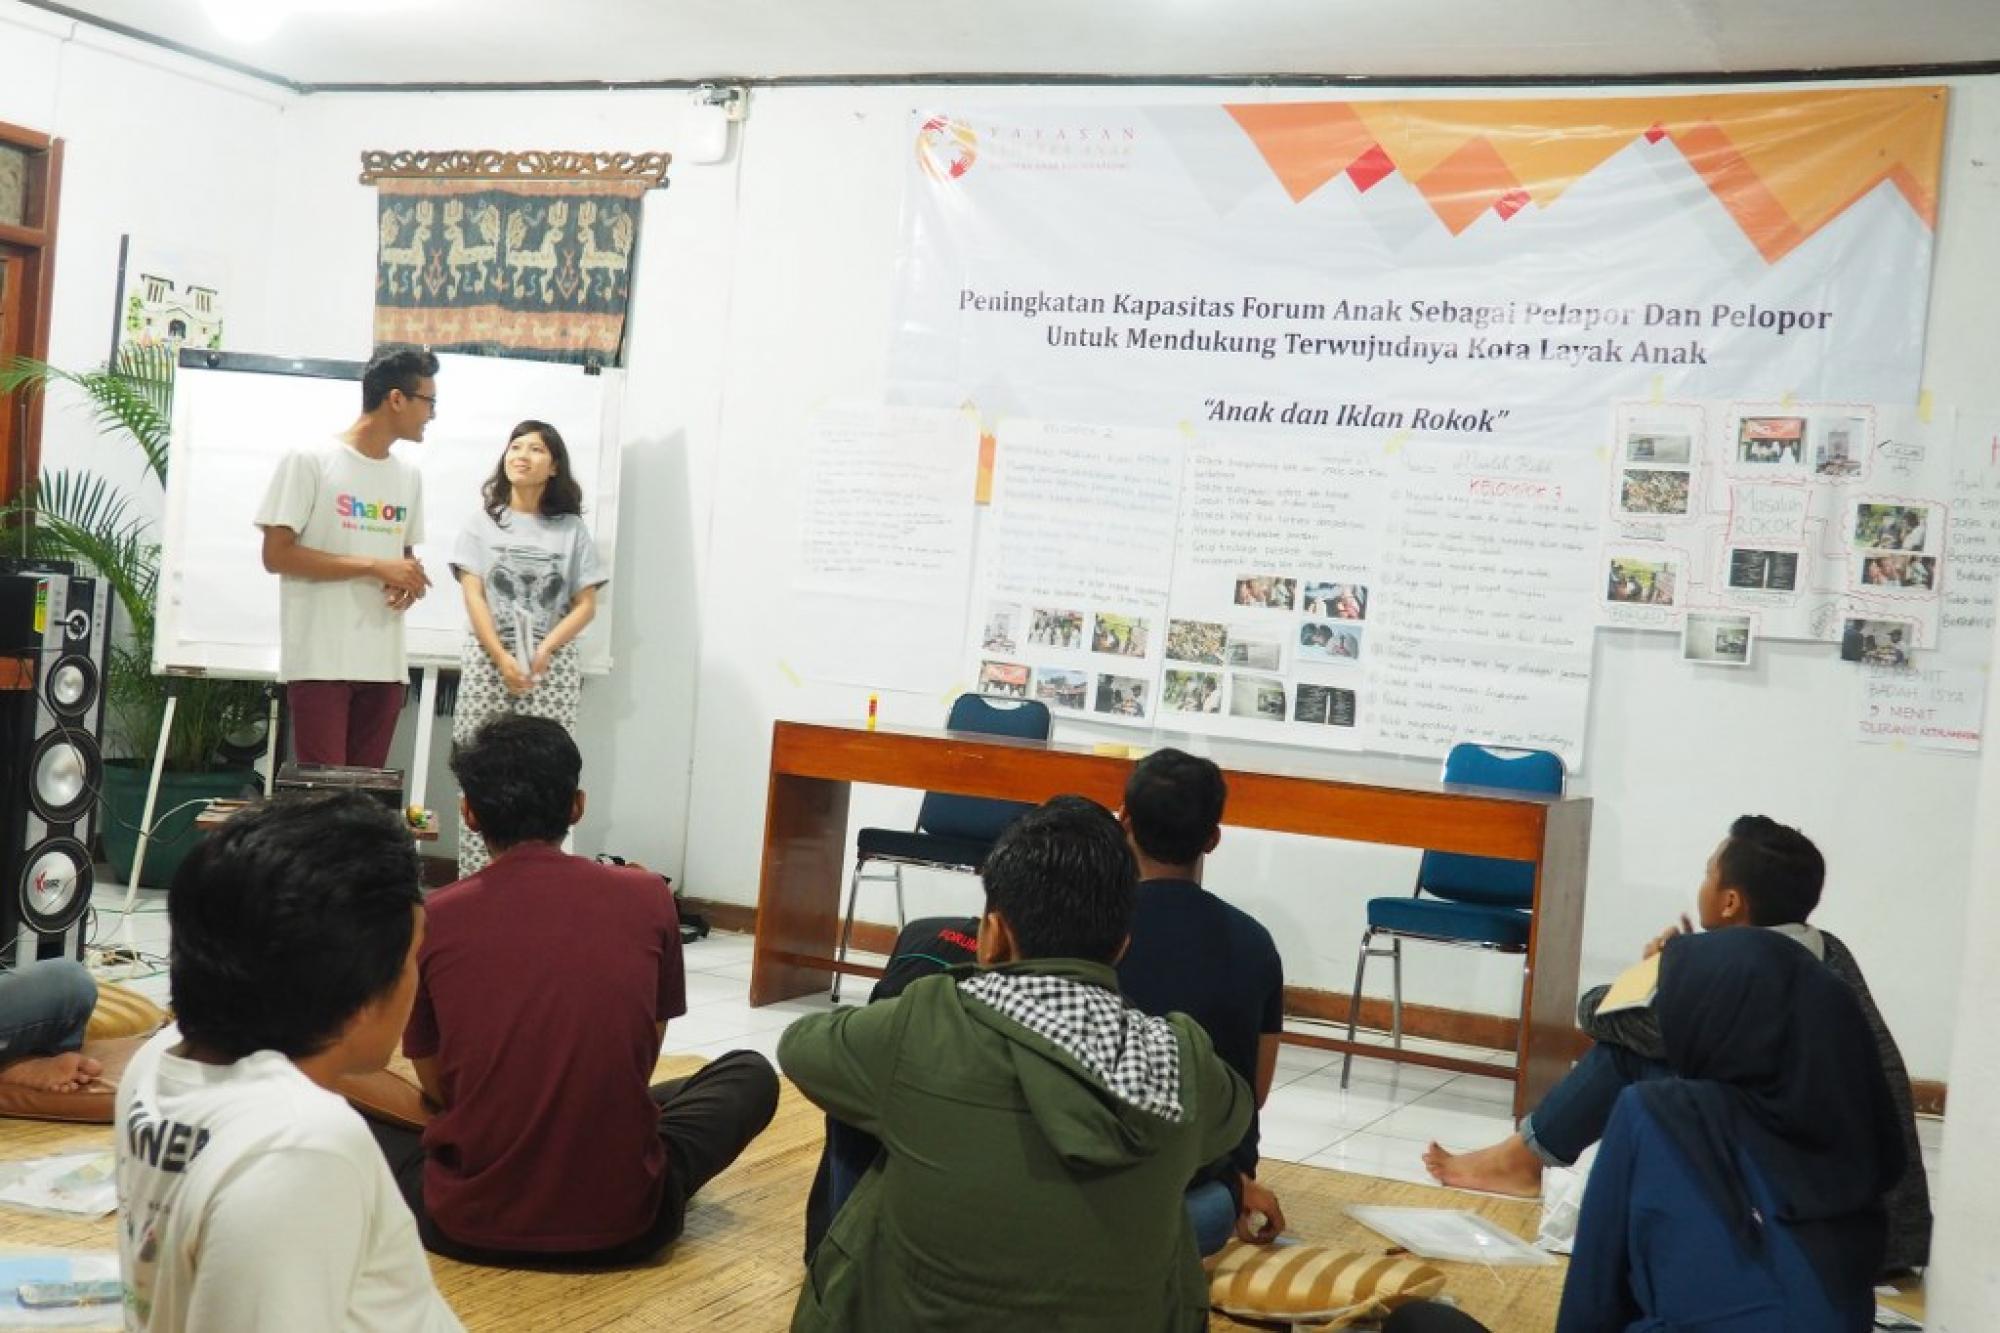 Peningkatan Kapasitas Forum Anak Sebagai Pelopor dan Pelapor Untuk Mendukung Terwujudnya Kota Layak Anak